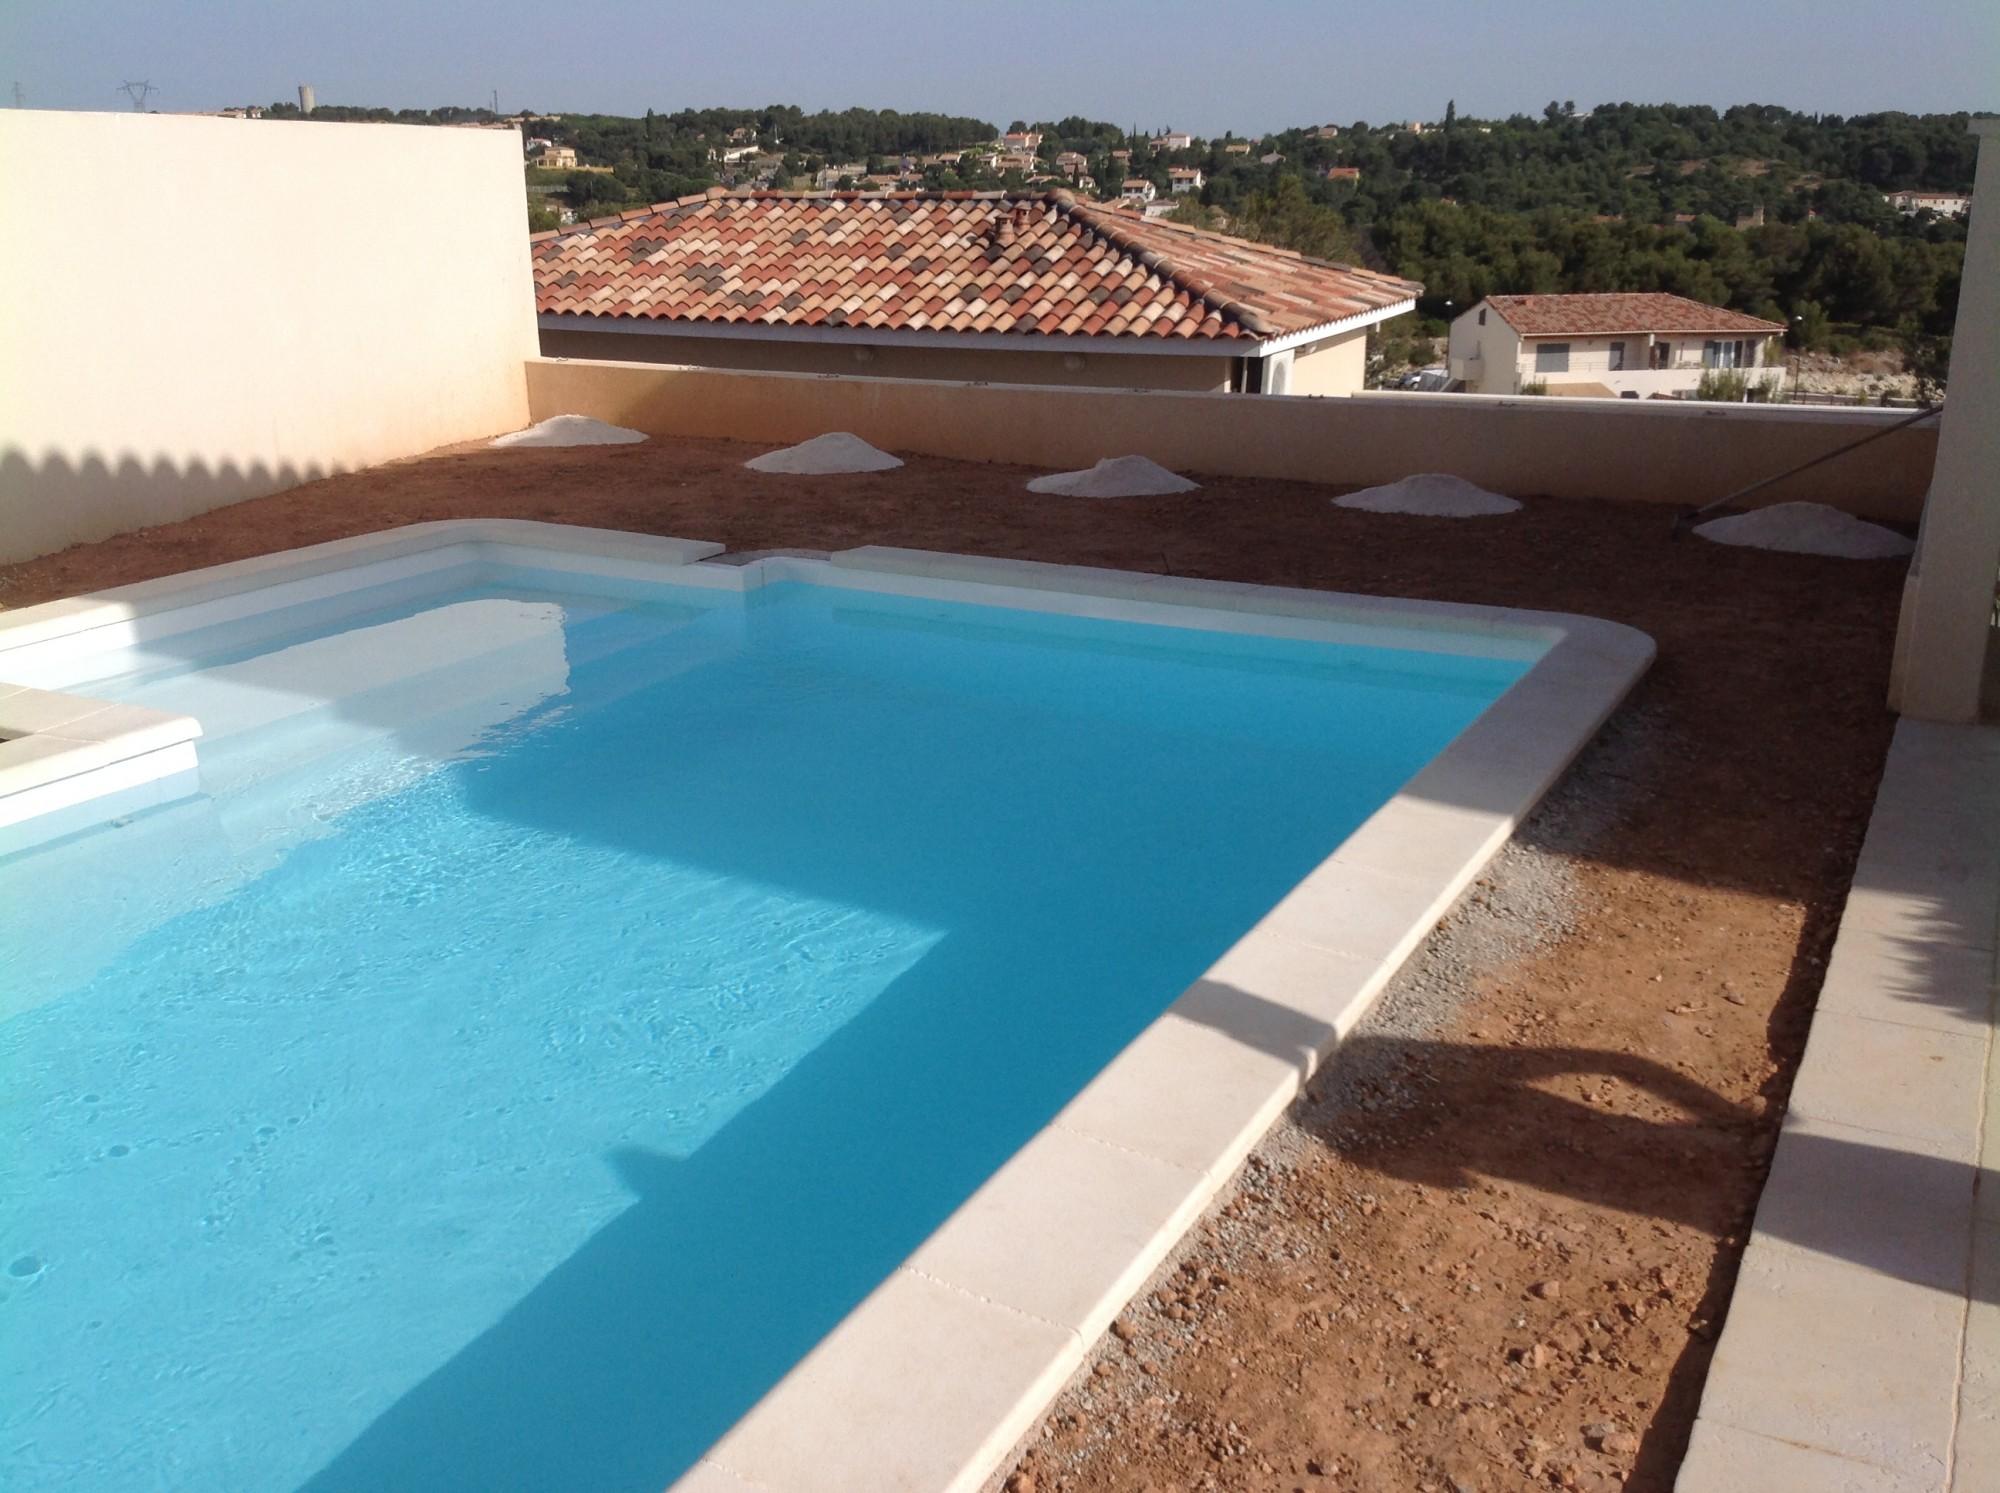 Pose d 39 un gazon synth tique aix en provence bouches du - Jardin autour de la piscine aixen provence ...